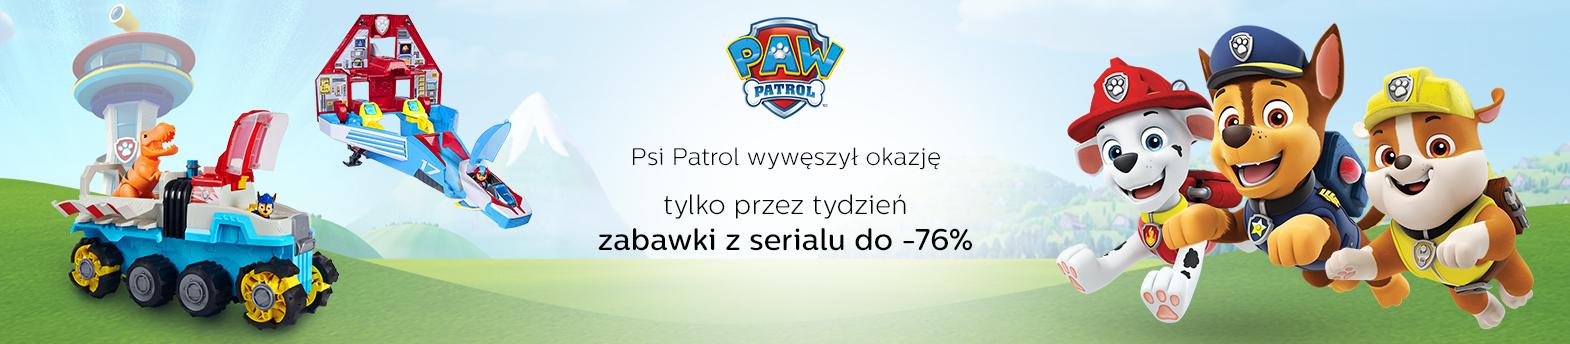 zabawki Psi Patrol do -76%